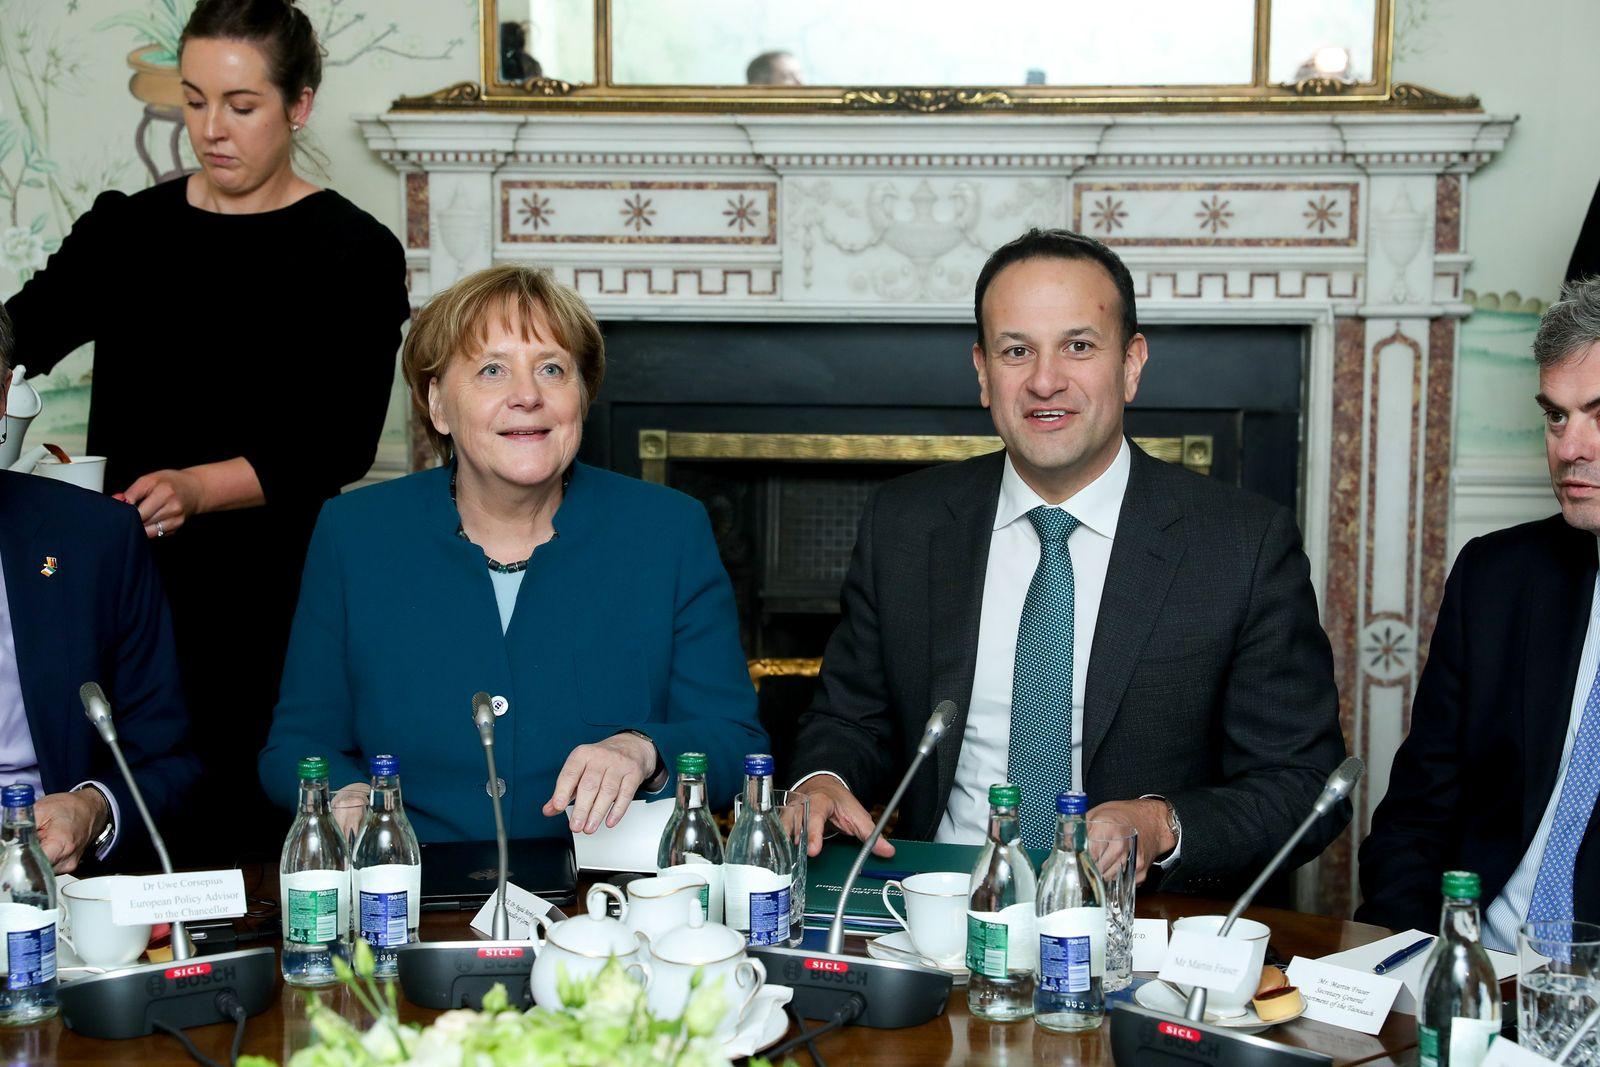 BRITAIN-EU/IRELAND-GERMANY